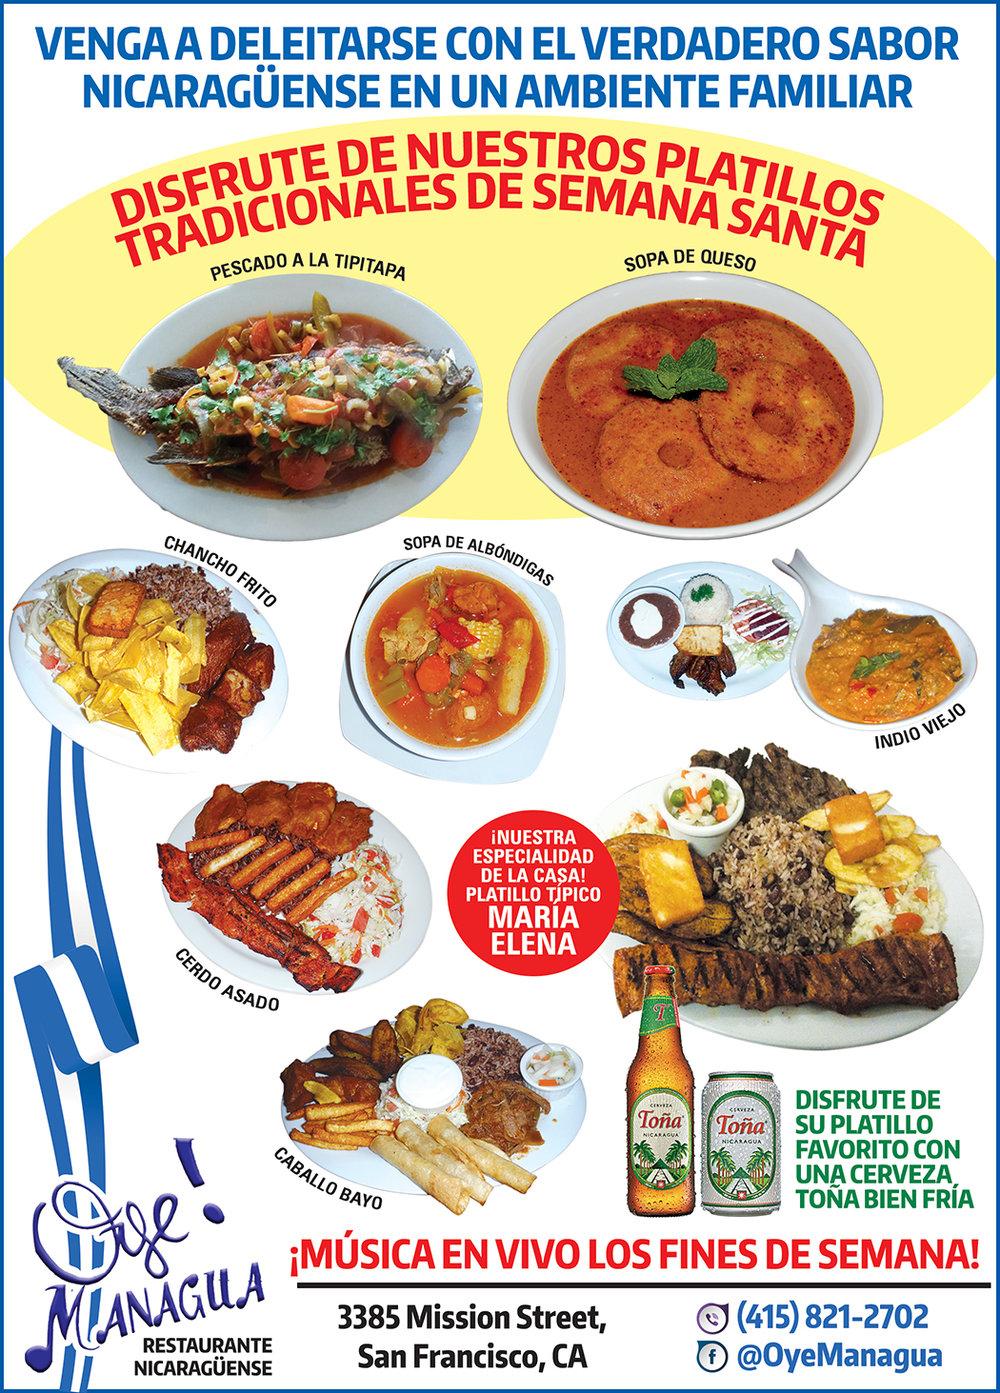 Oye Managua Restaurant 1 Pag MARZO 2018.jpg